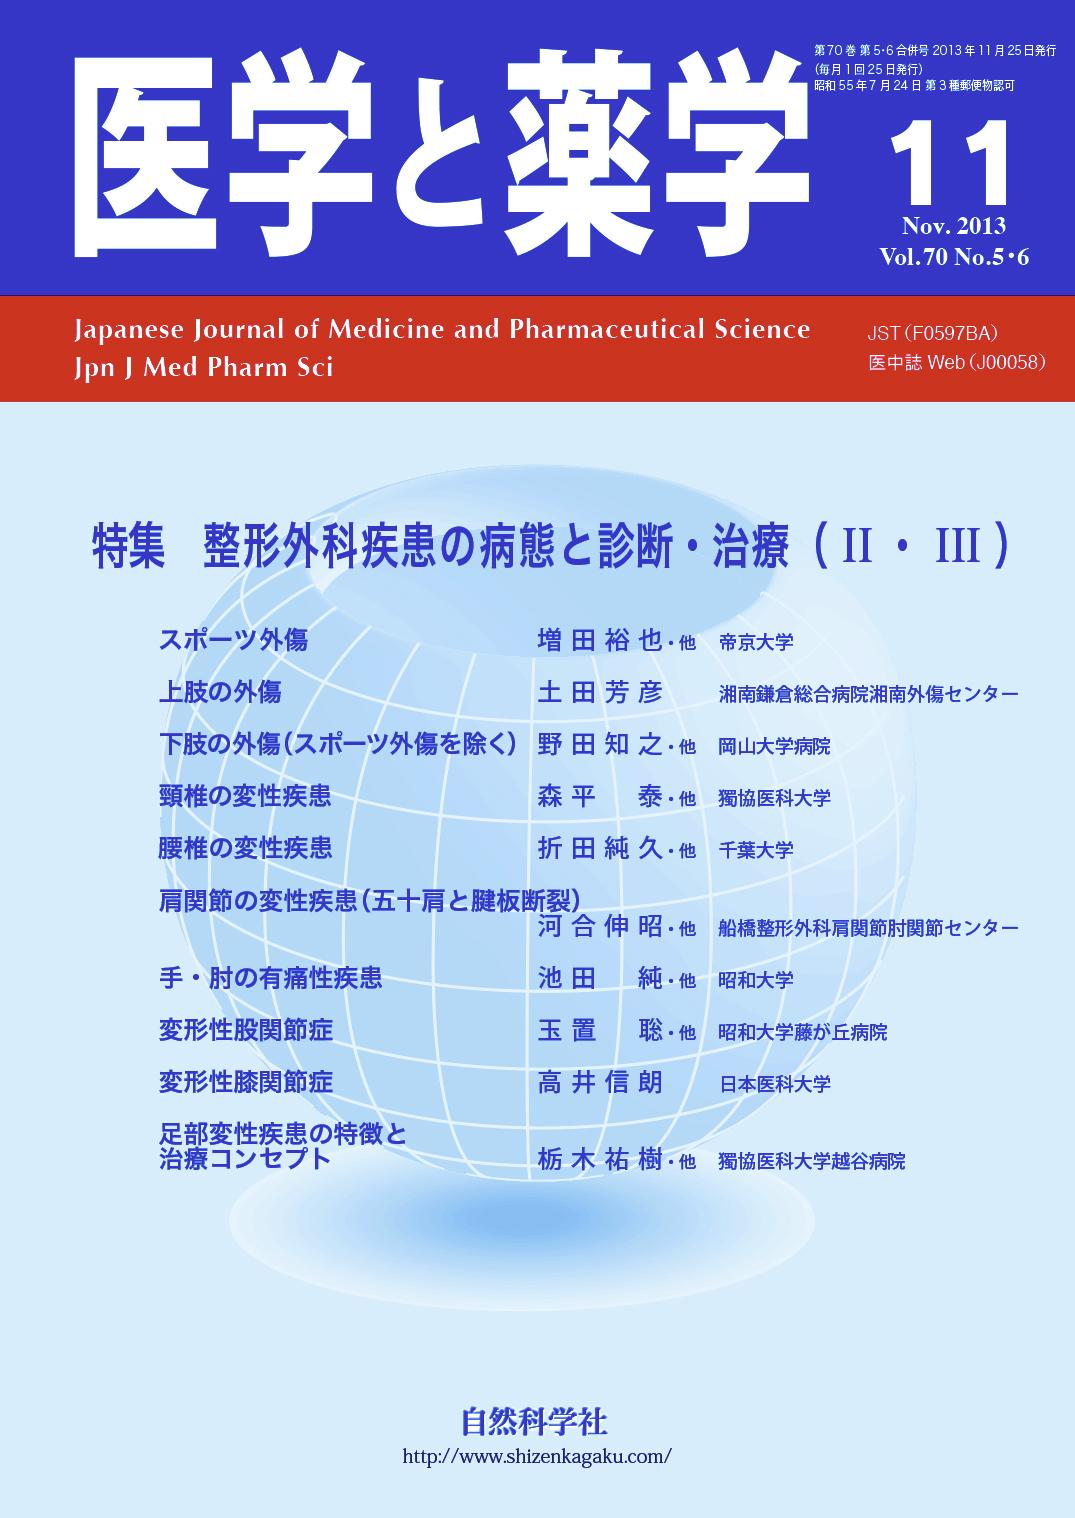 医学と薬学 70巻5・6号2013年11月